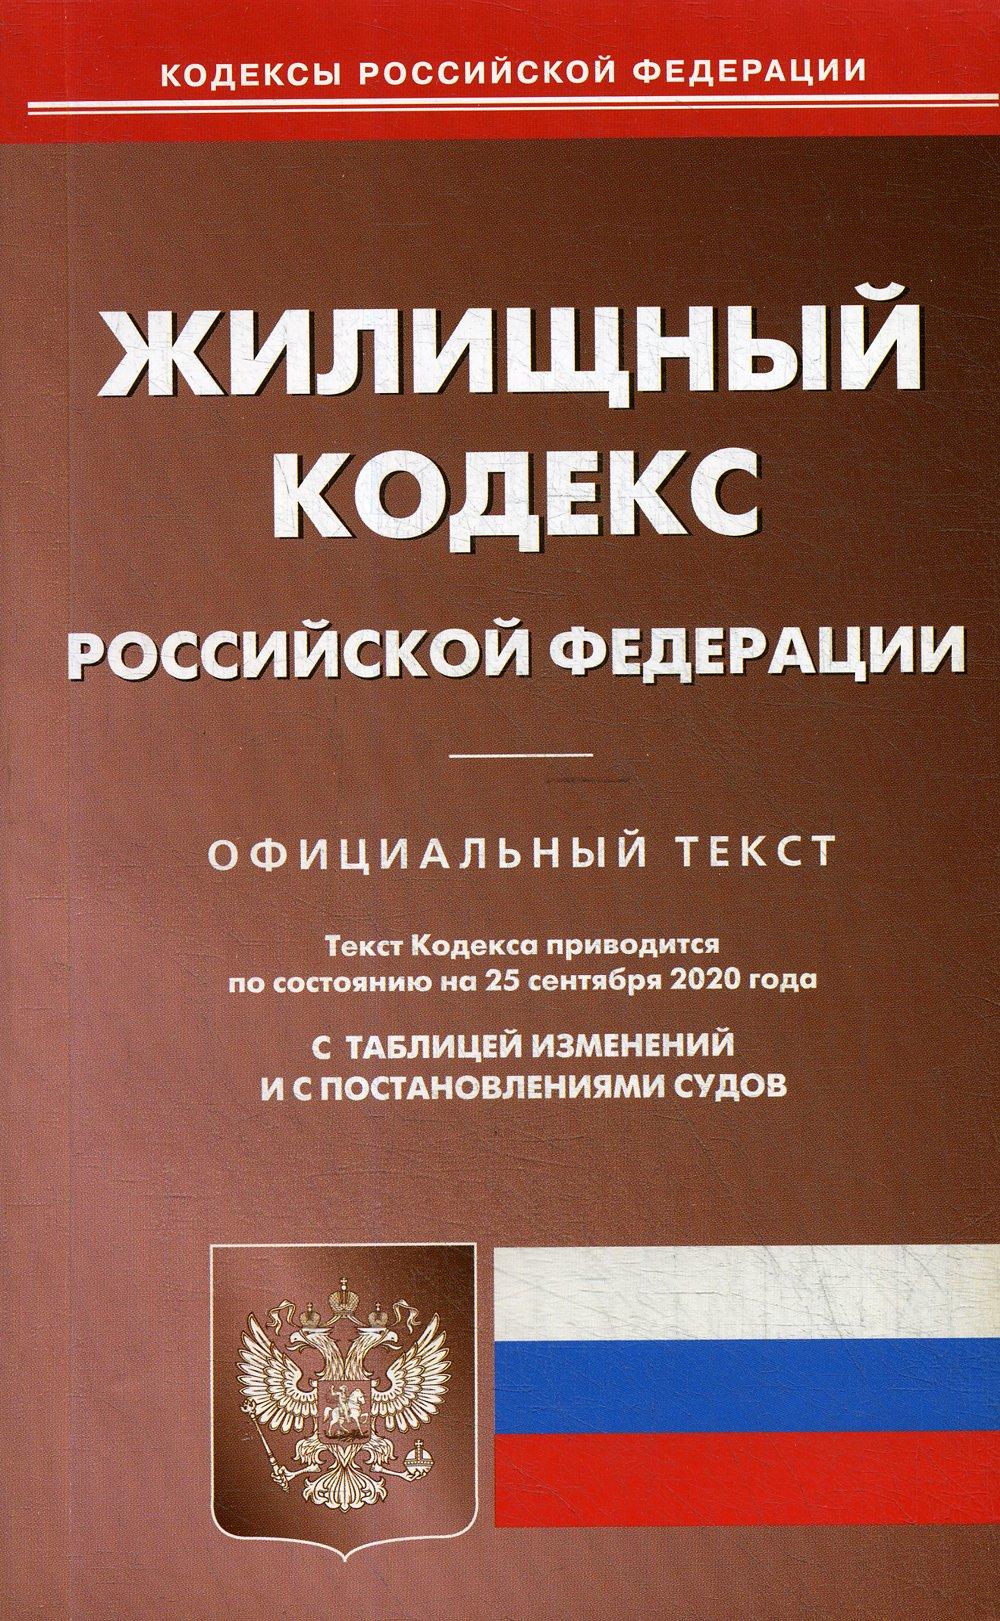 Жилищный кодекс РФ (по сост. на 25.09.2020 г.)